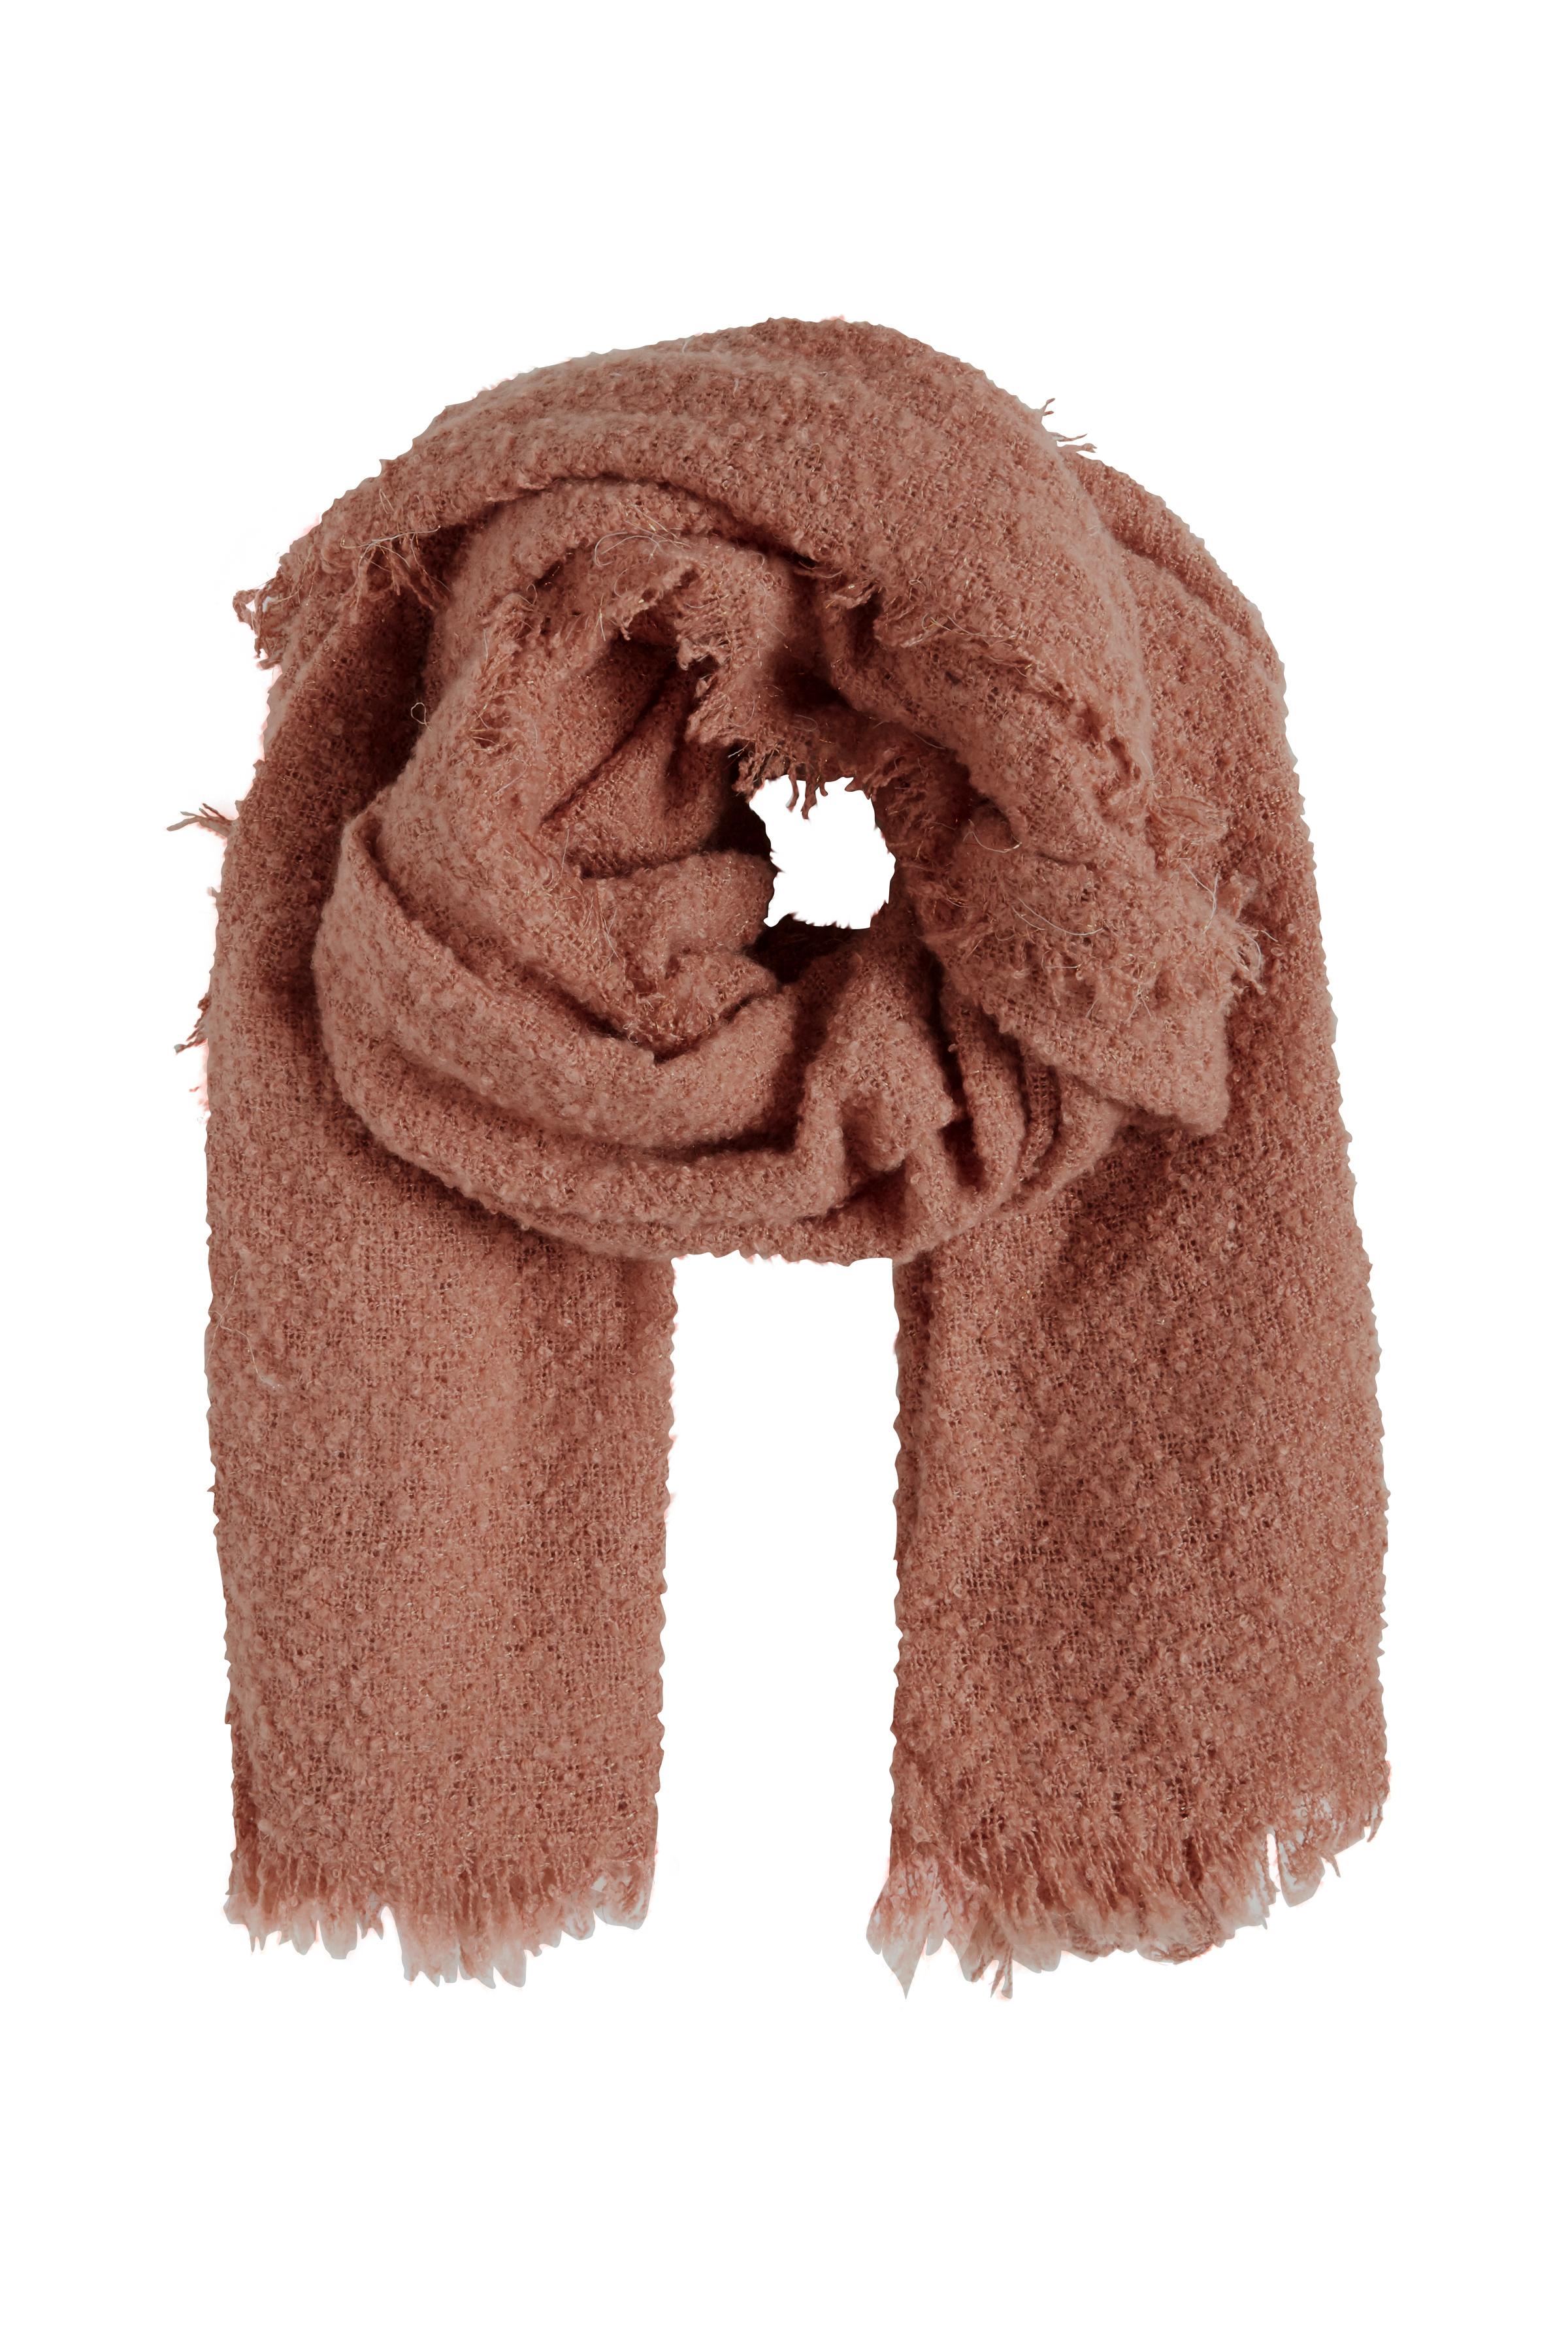 Canyon Rose Tørklæde – Køb Canyon Rose Tørklæde fra str. ONE her